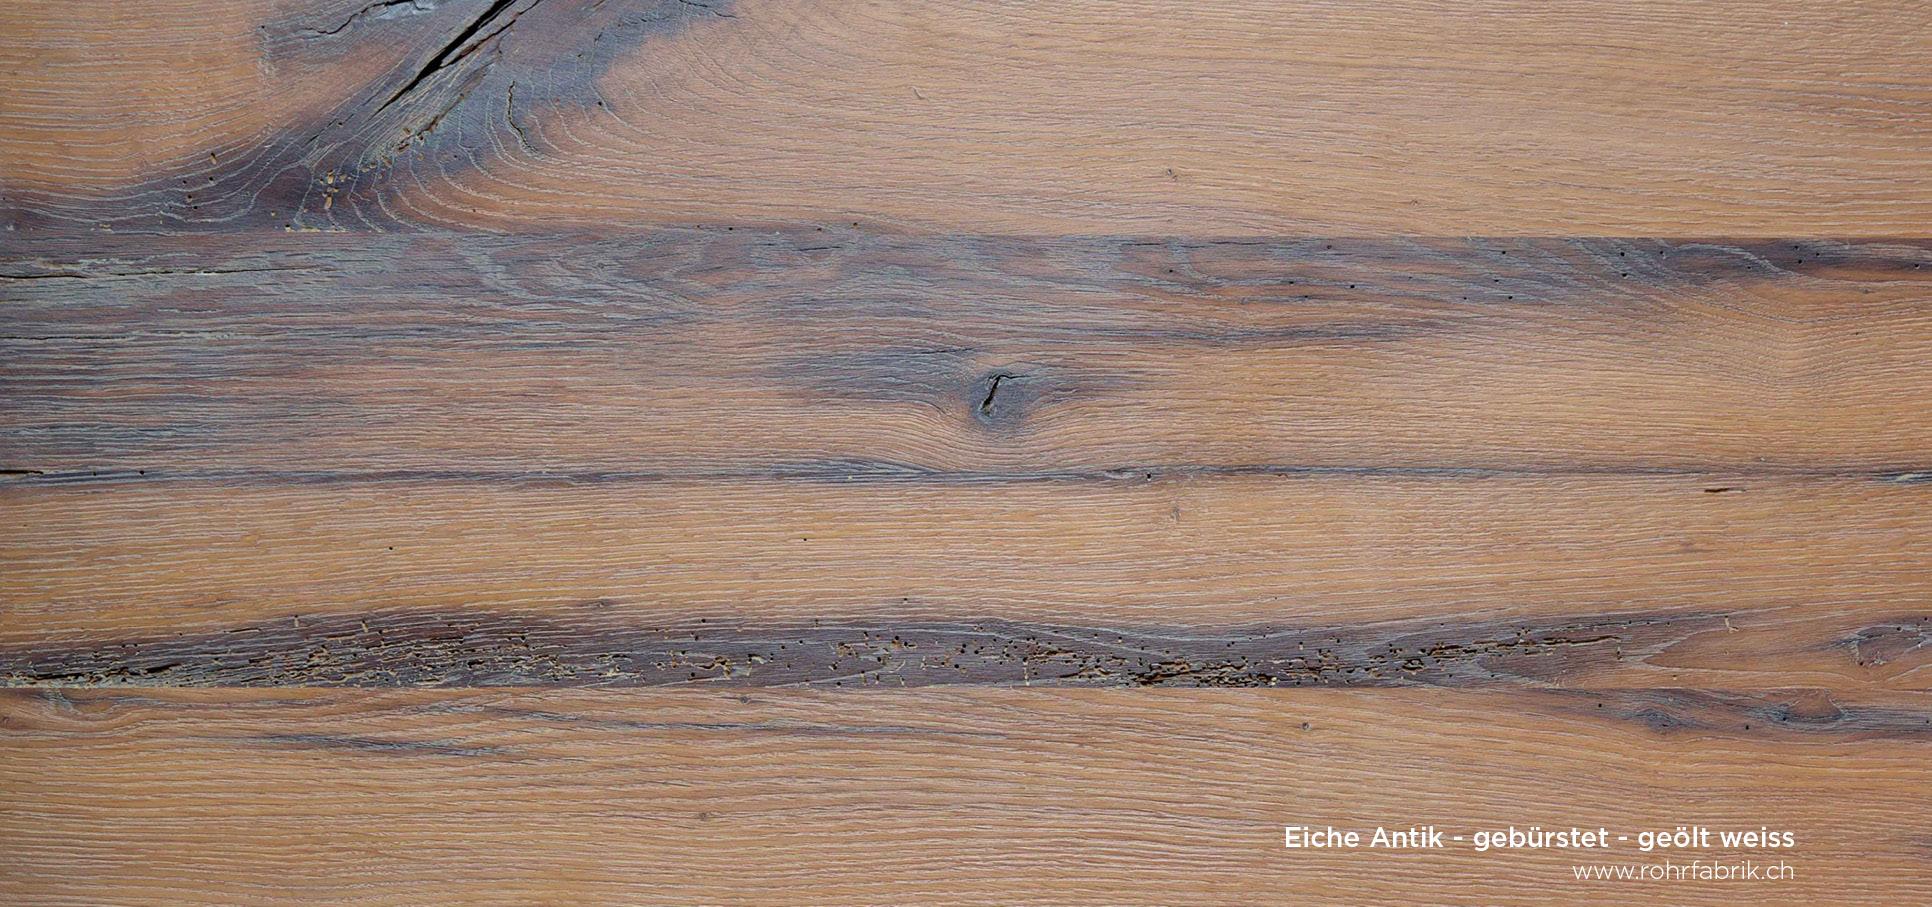 rohrfabrik-massivholz-tablar-eiche-alt-antik-gebürstet - geoelt-weiss-design-metall-wasserrohr1.jpg